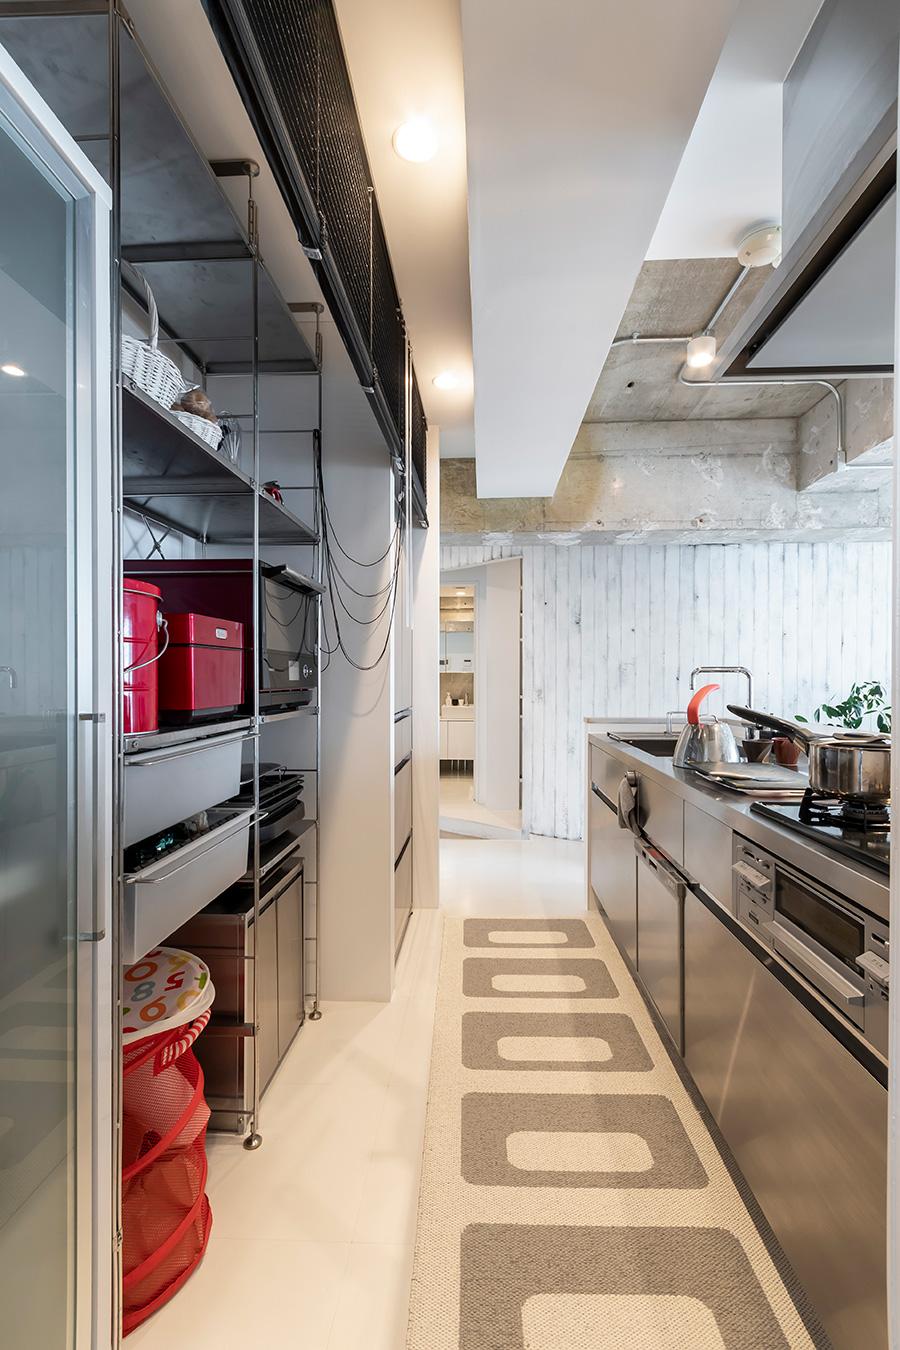 「sanwa company」のステンレスキッチン。